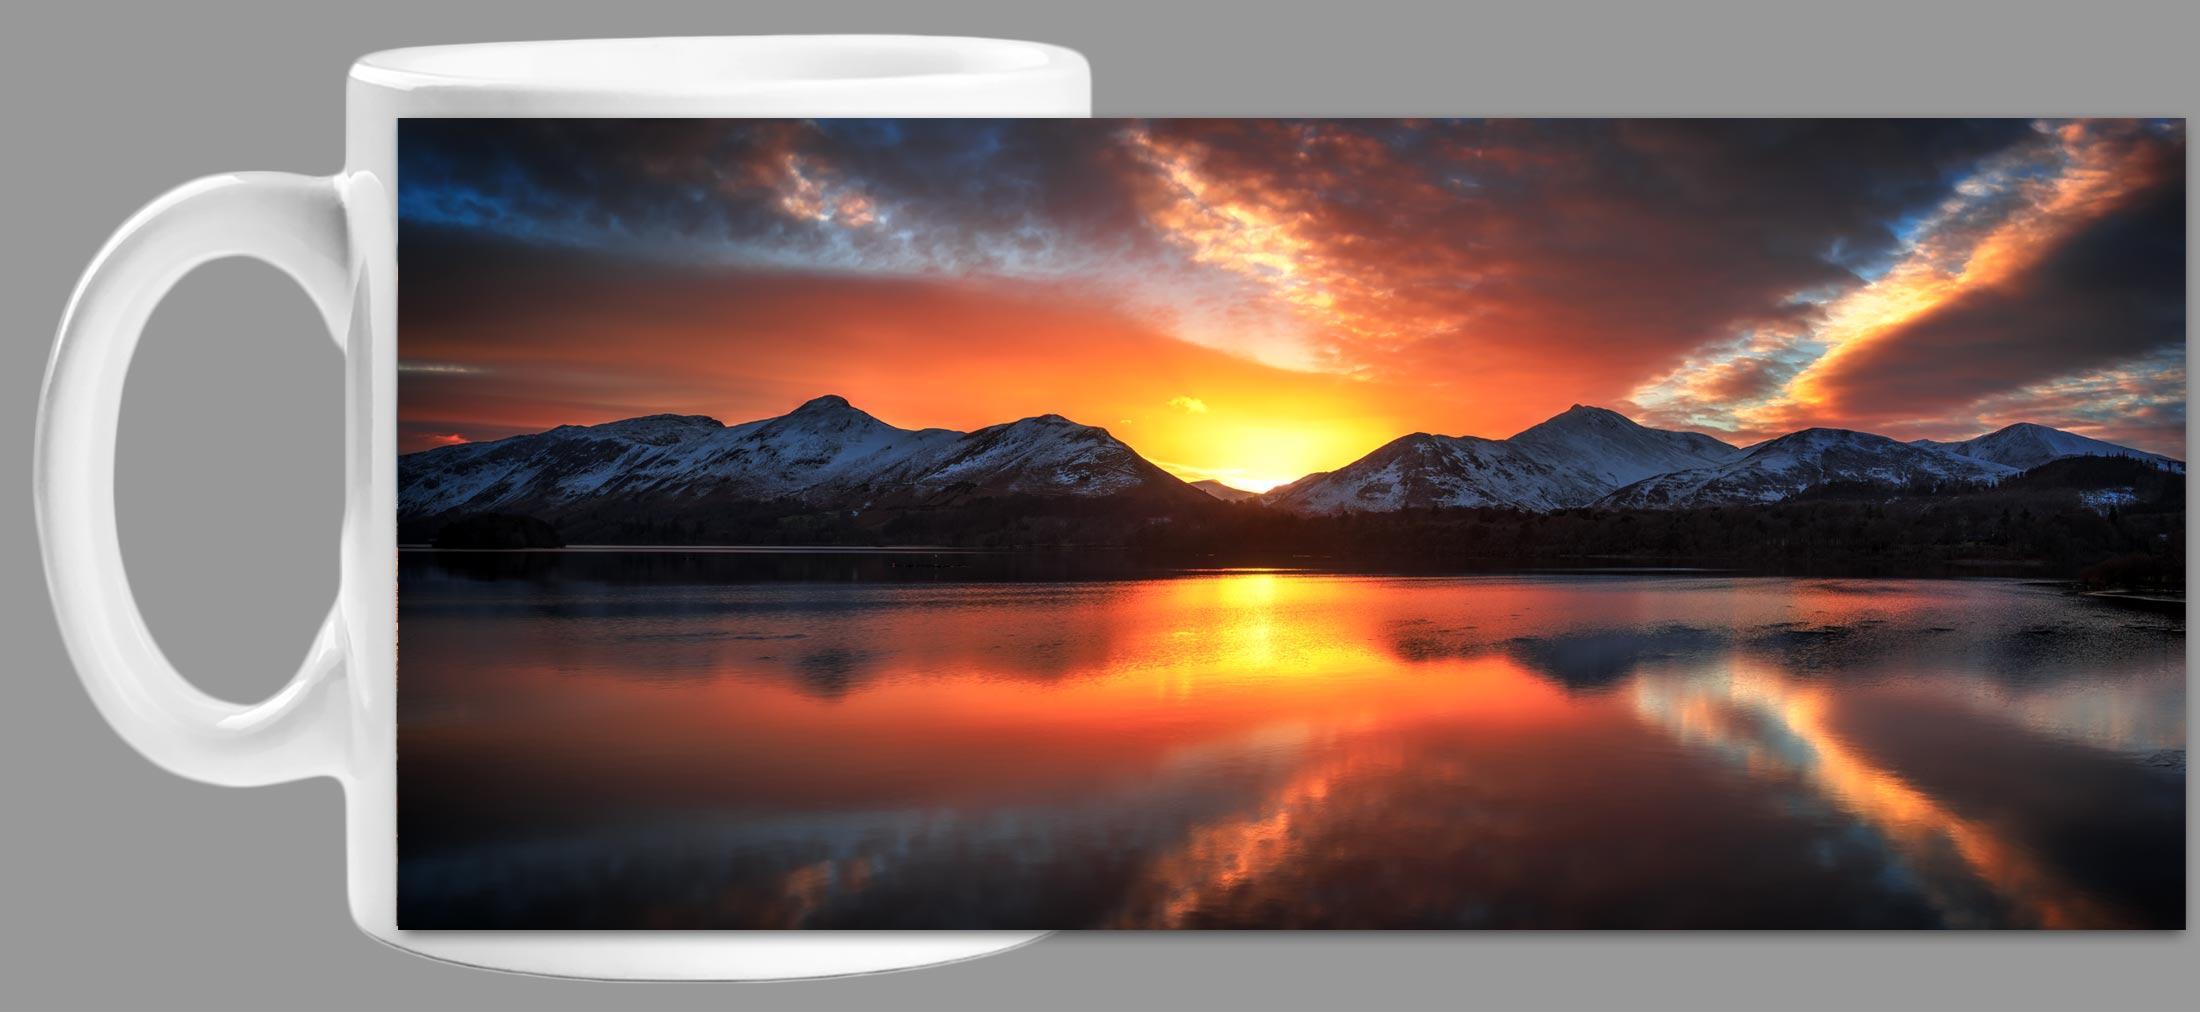 Winter Sunset Over Derwent Water - Mug